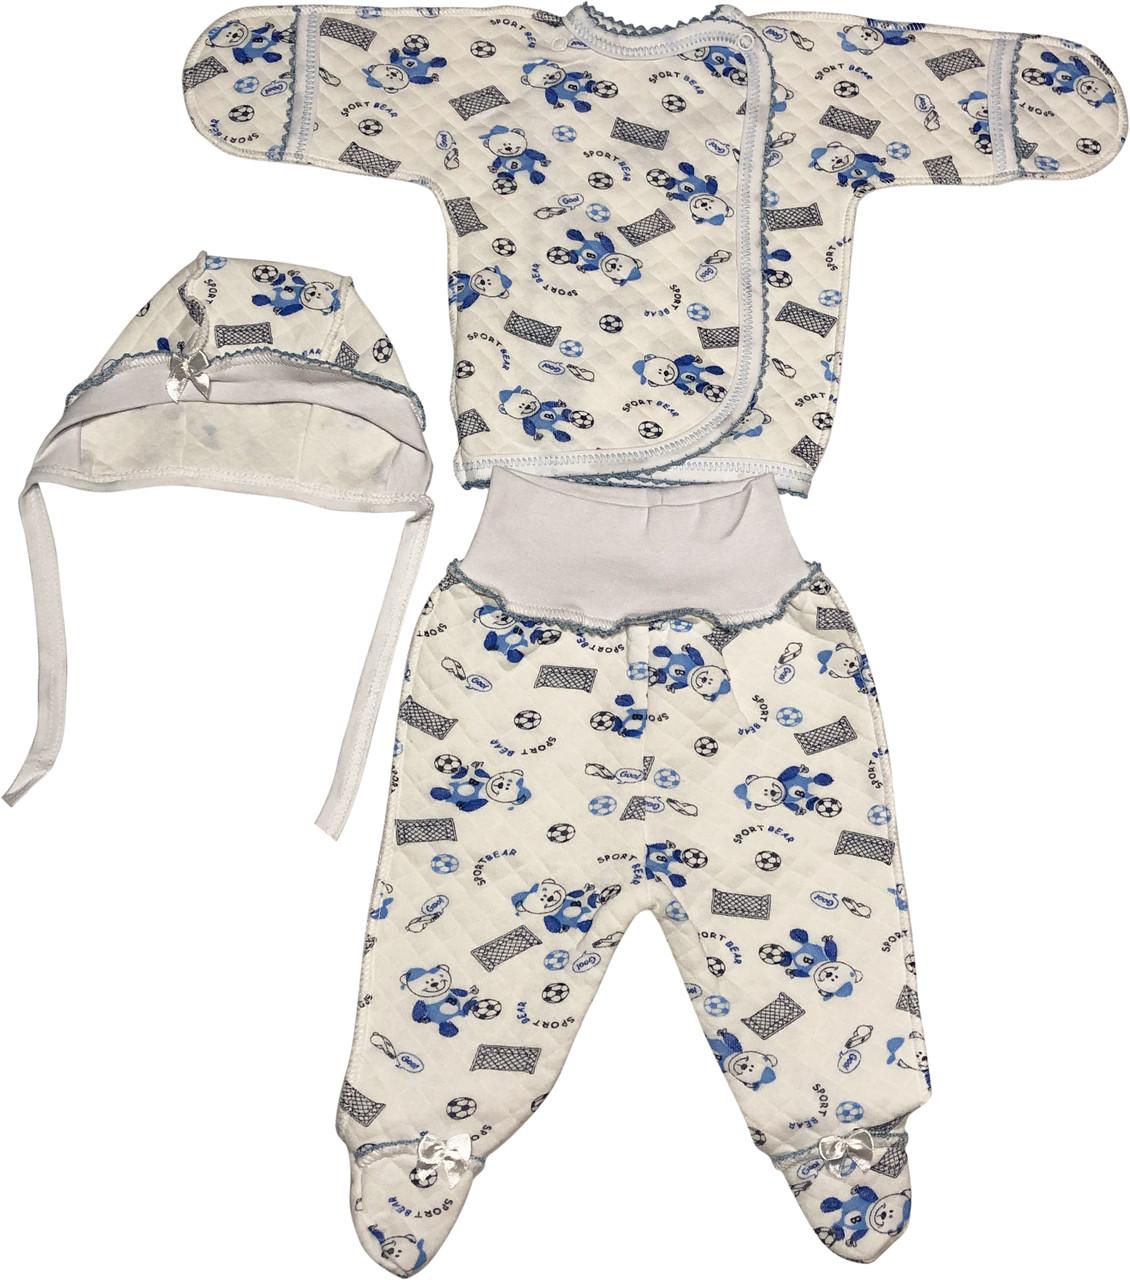 Детский костюм рост 56 0-2 мес трикотажный капитон молочный костюмчик на мальчика комплект для новорожденных малышей А316